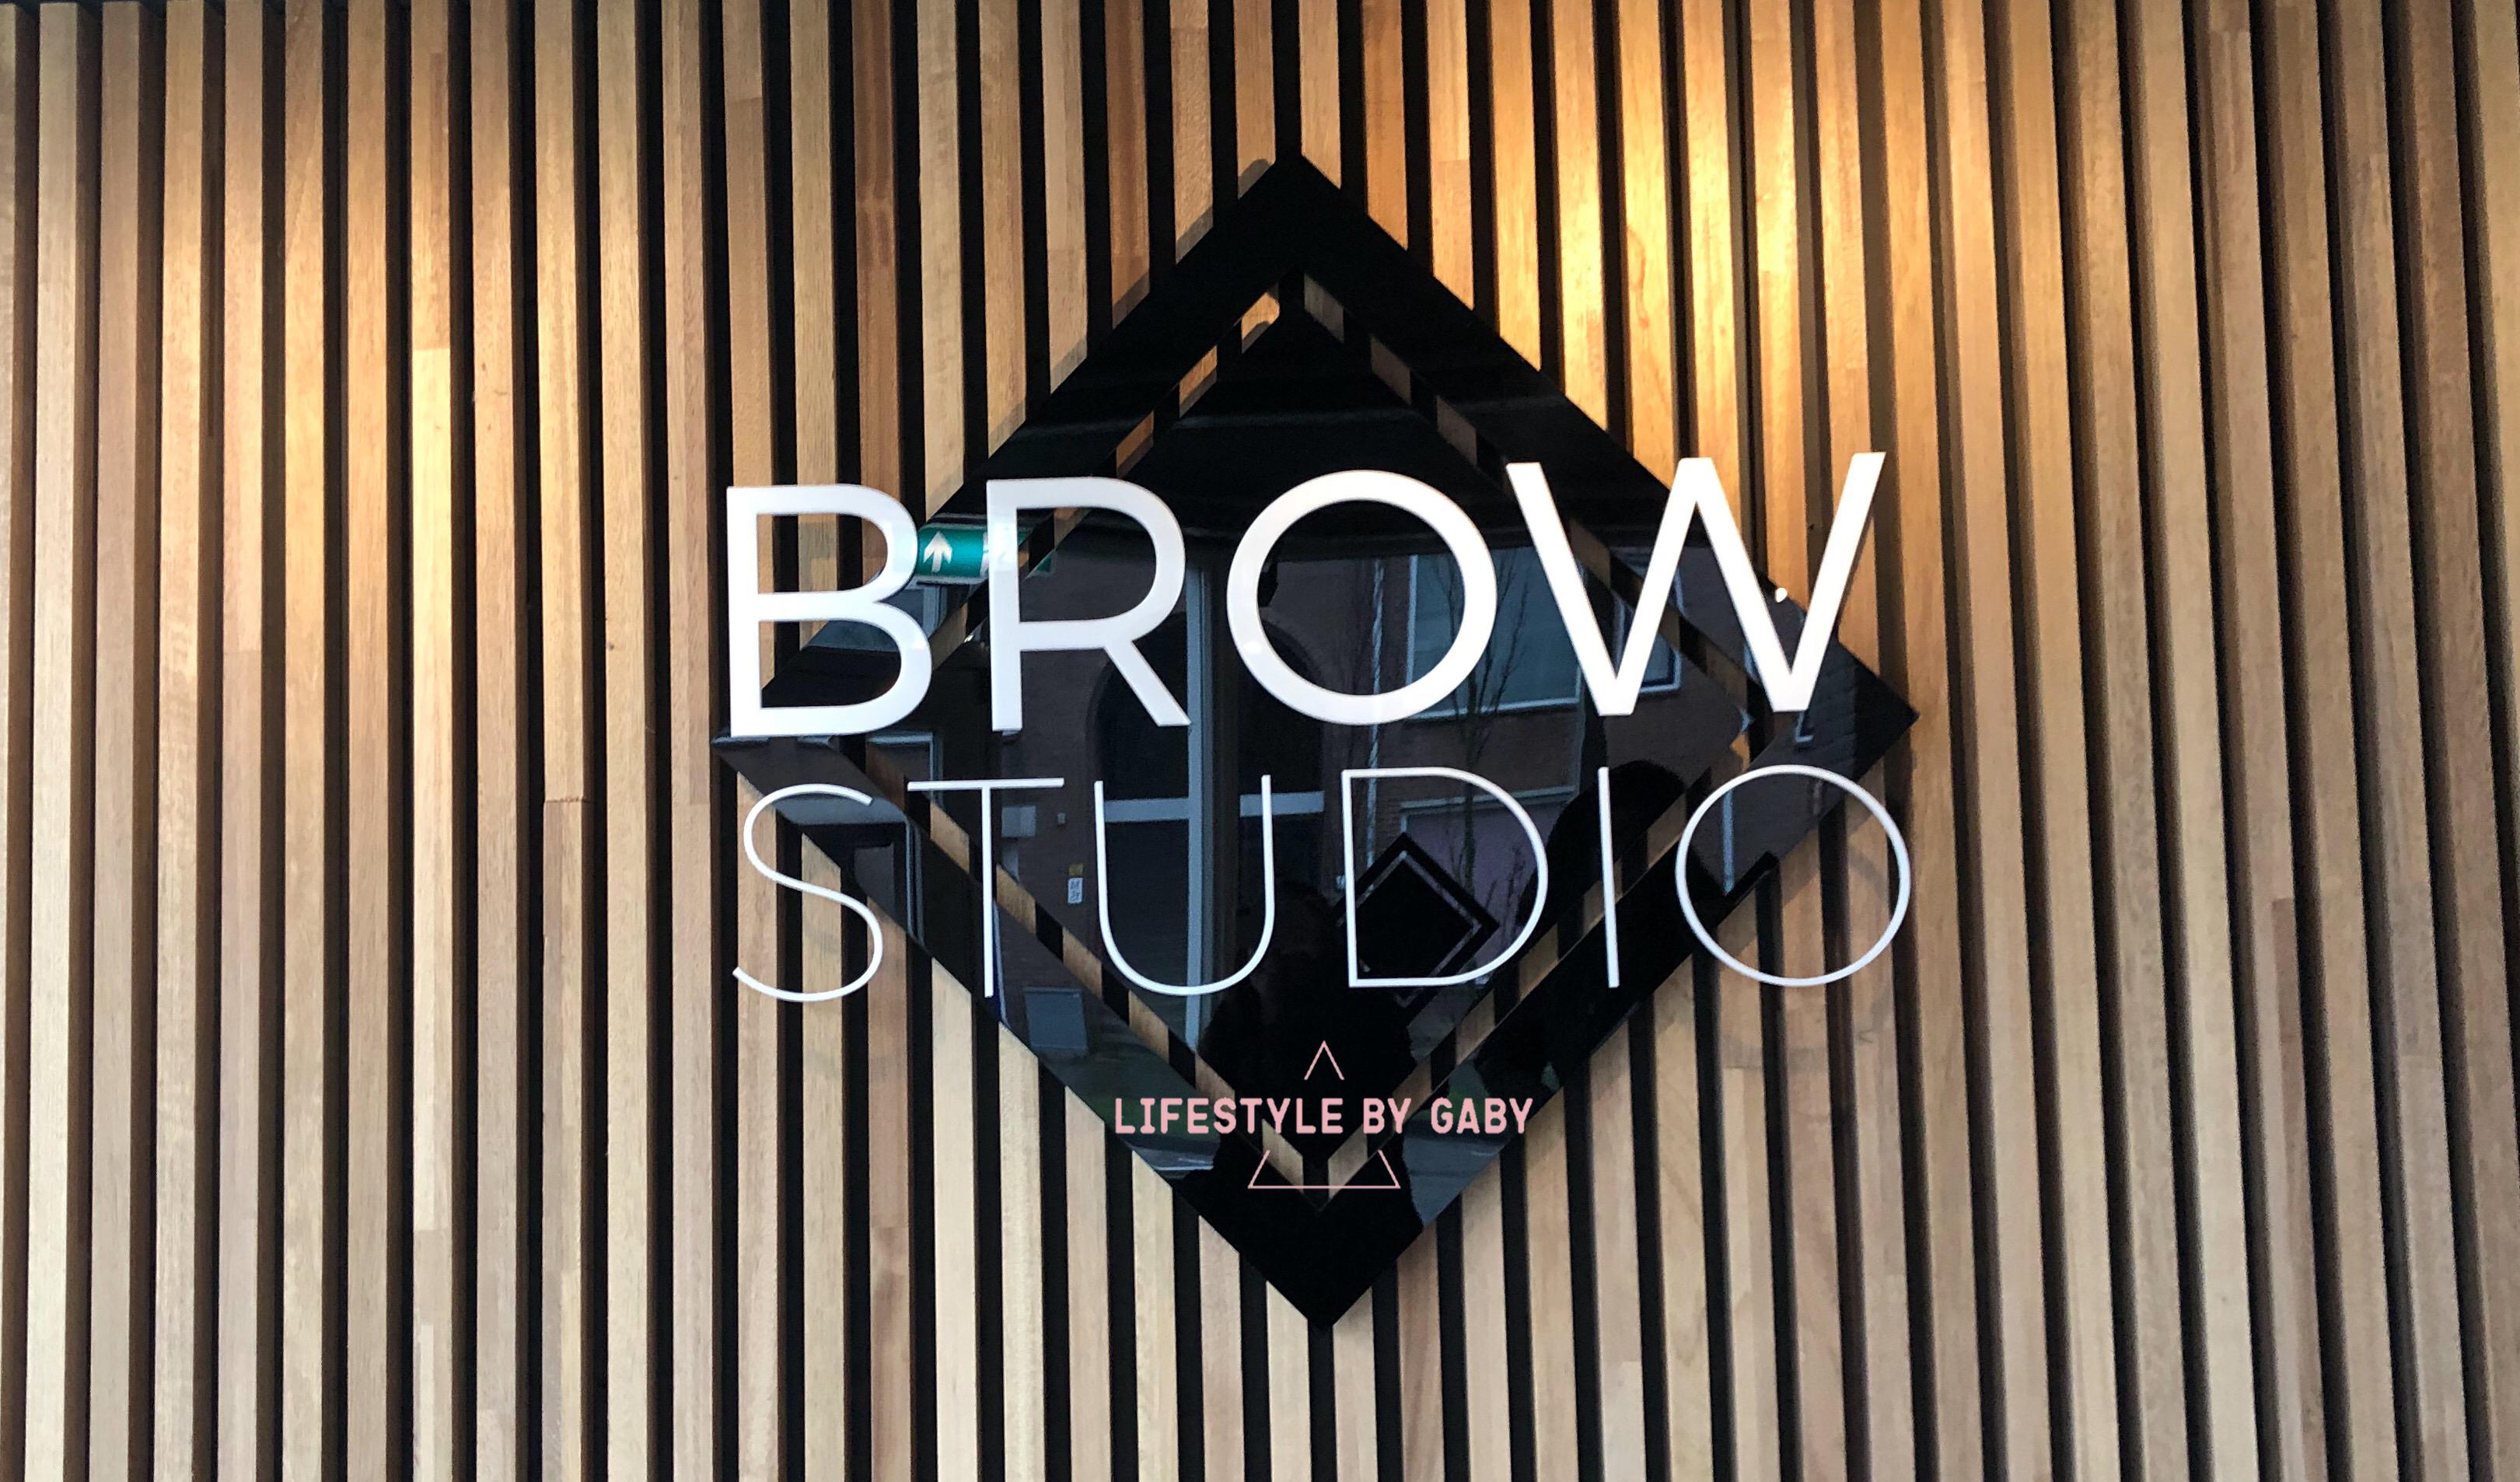 #12. Mooie wenkies dankzij Brow Studio in Hoorn